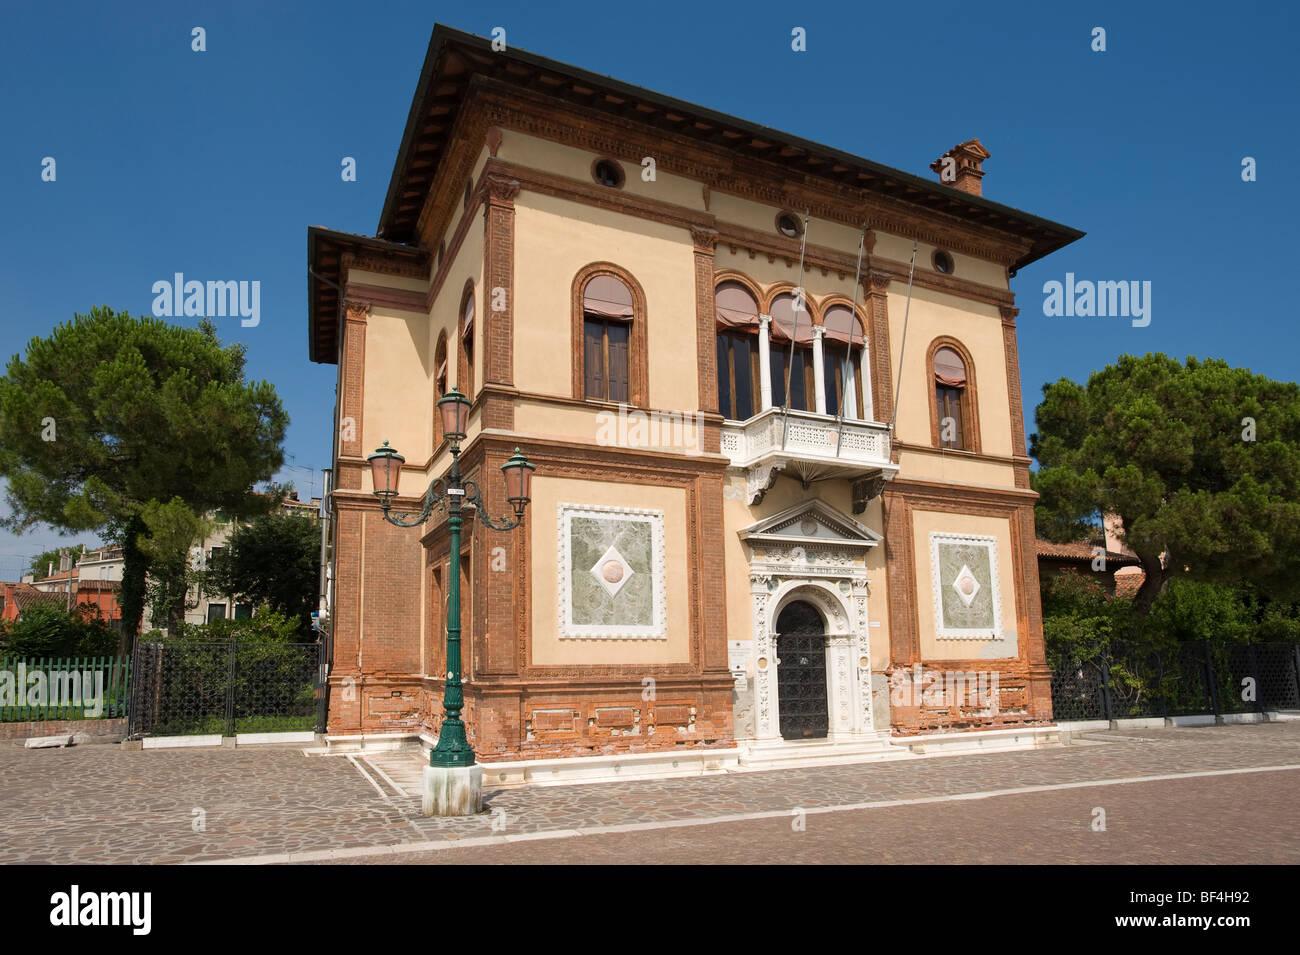 Istituto di Biologia del Mare, Riva dei Sette Martiri, Venezia, Veneto, Italia, Europa Immagini Stock